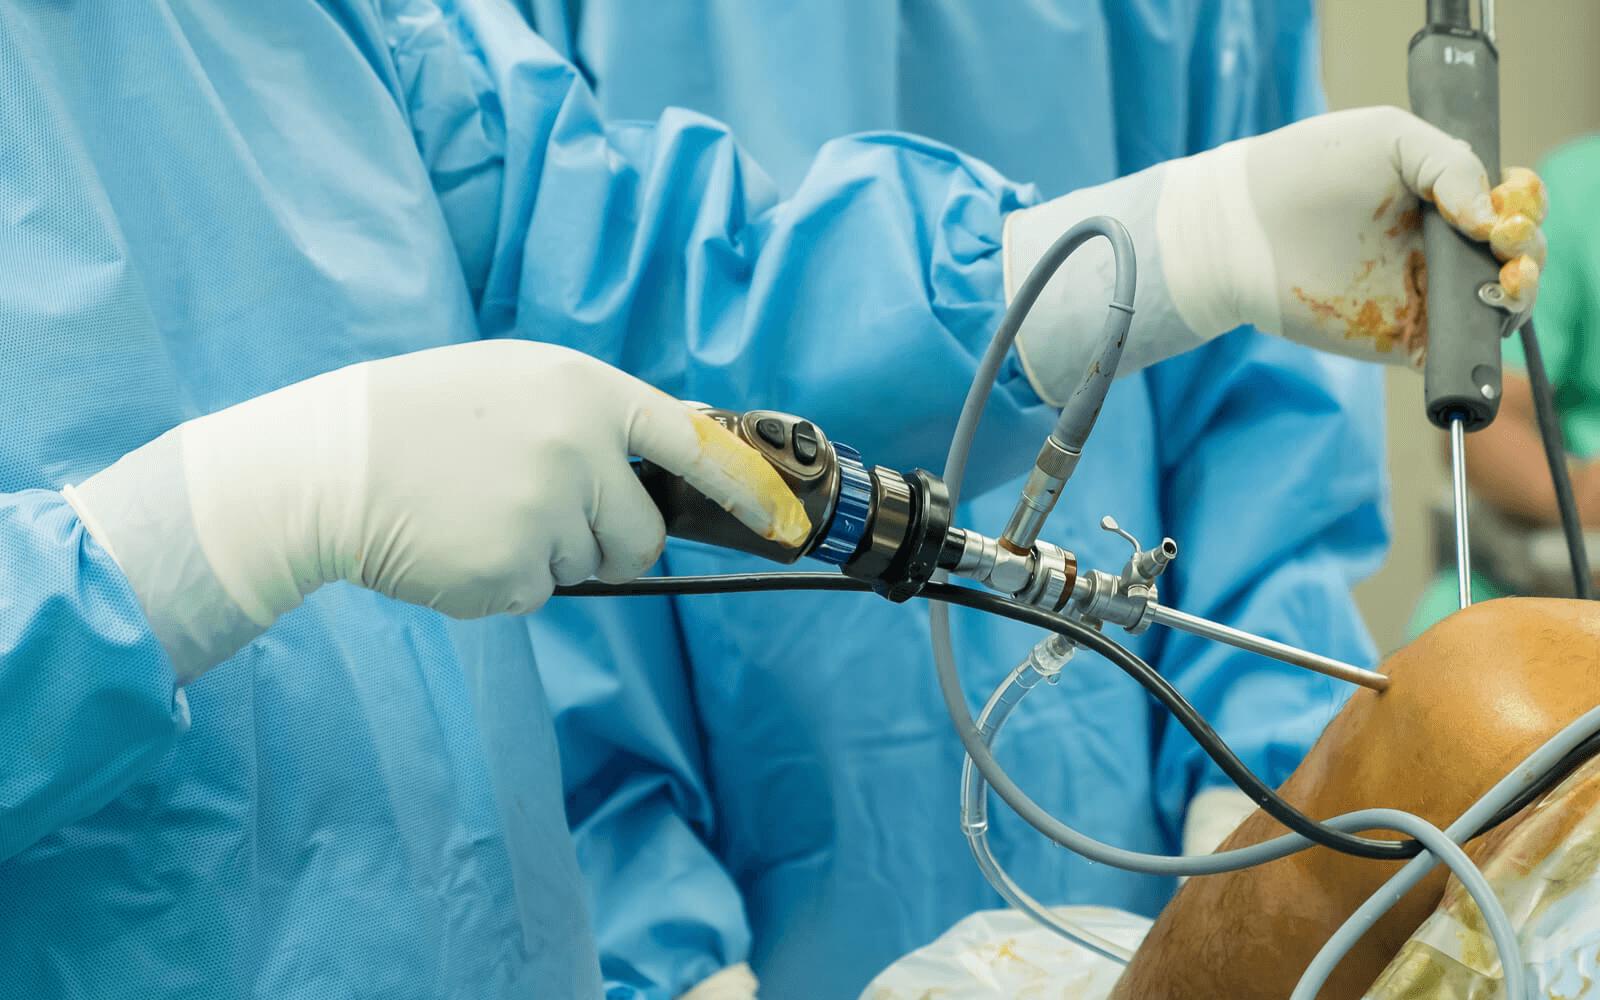 térdprotézis műtét utáni gyógyulási idő)